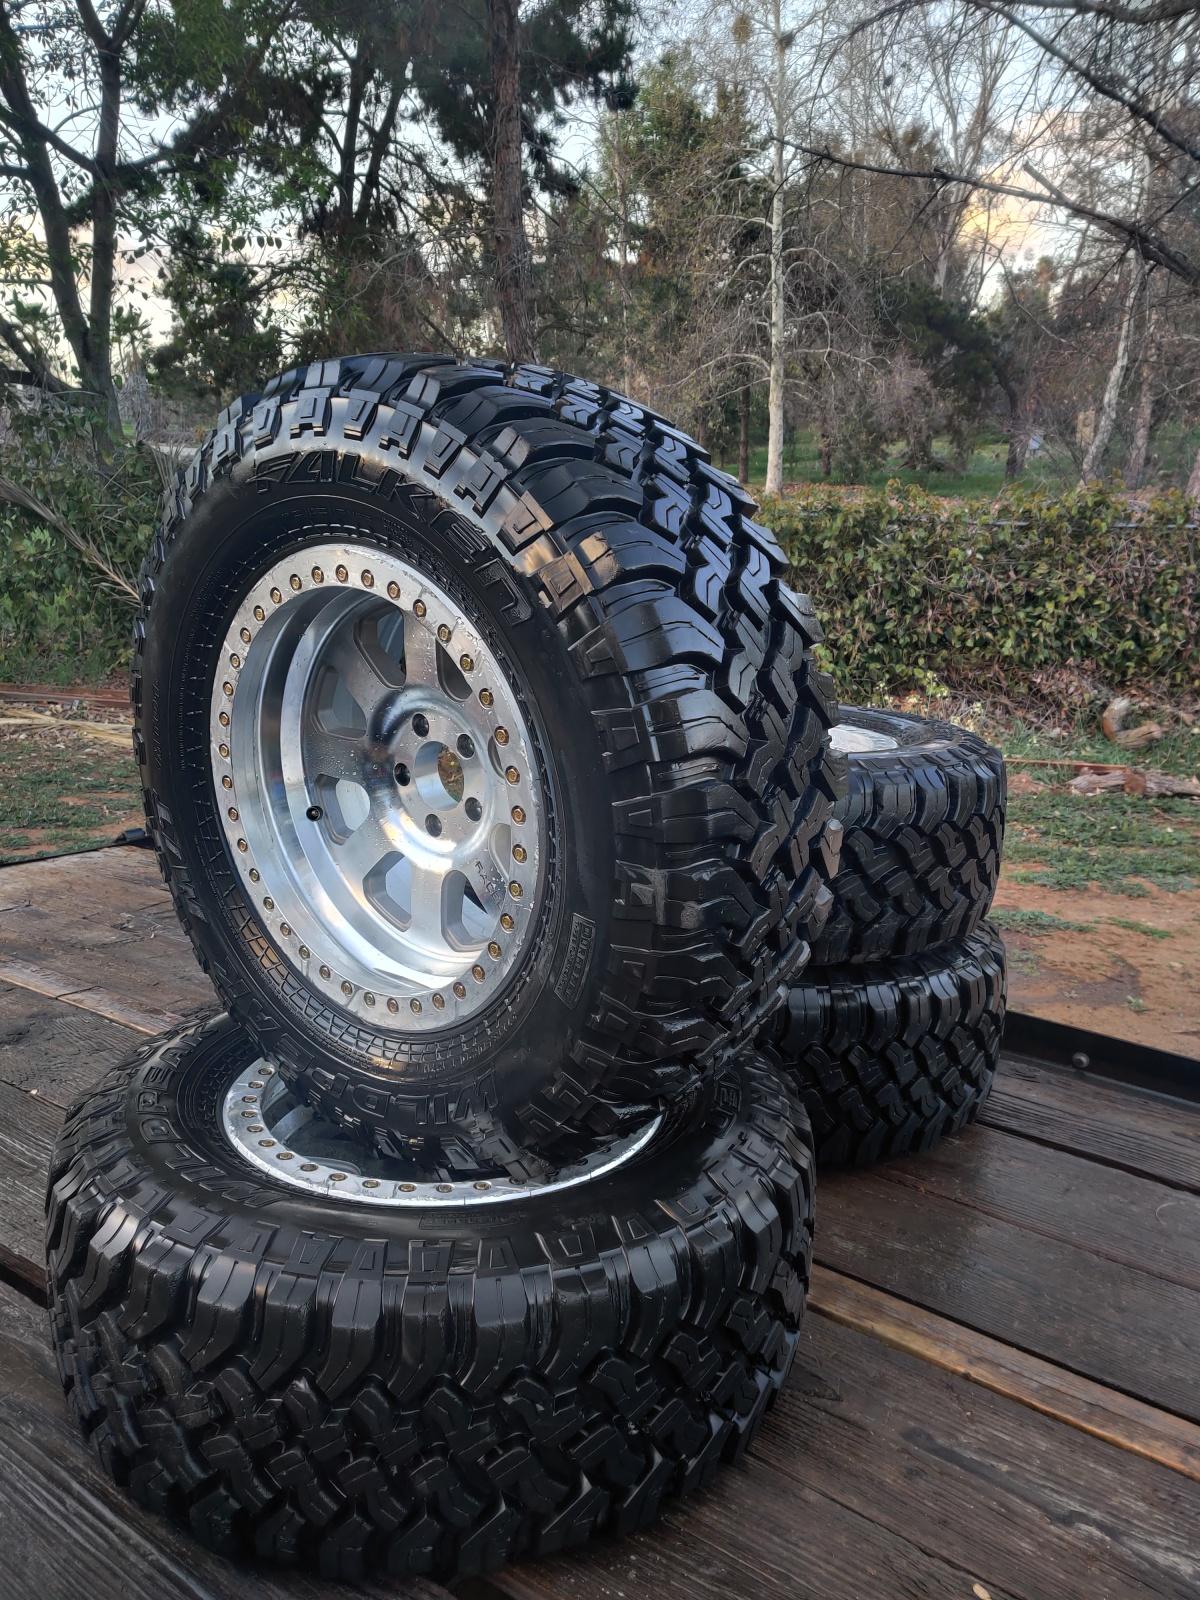 For Sale: Raceline Avenger Beadlock Wheels For Jeep 37